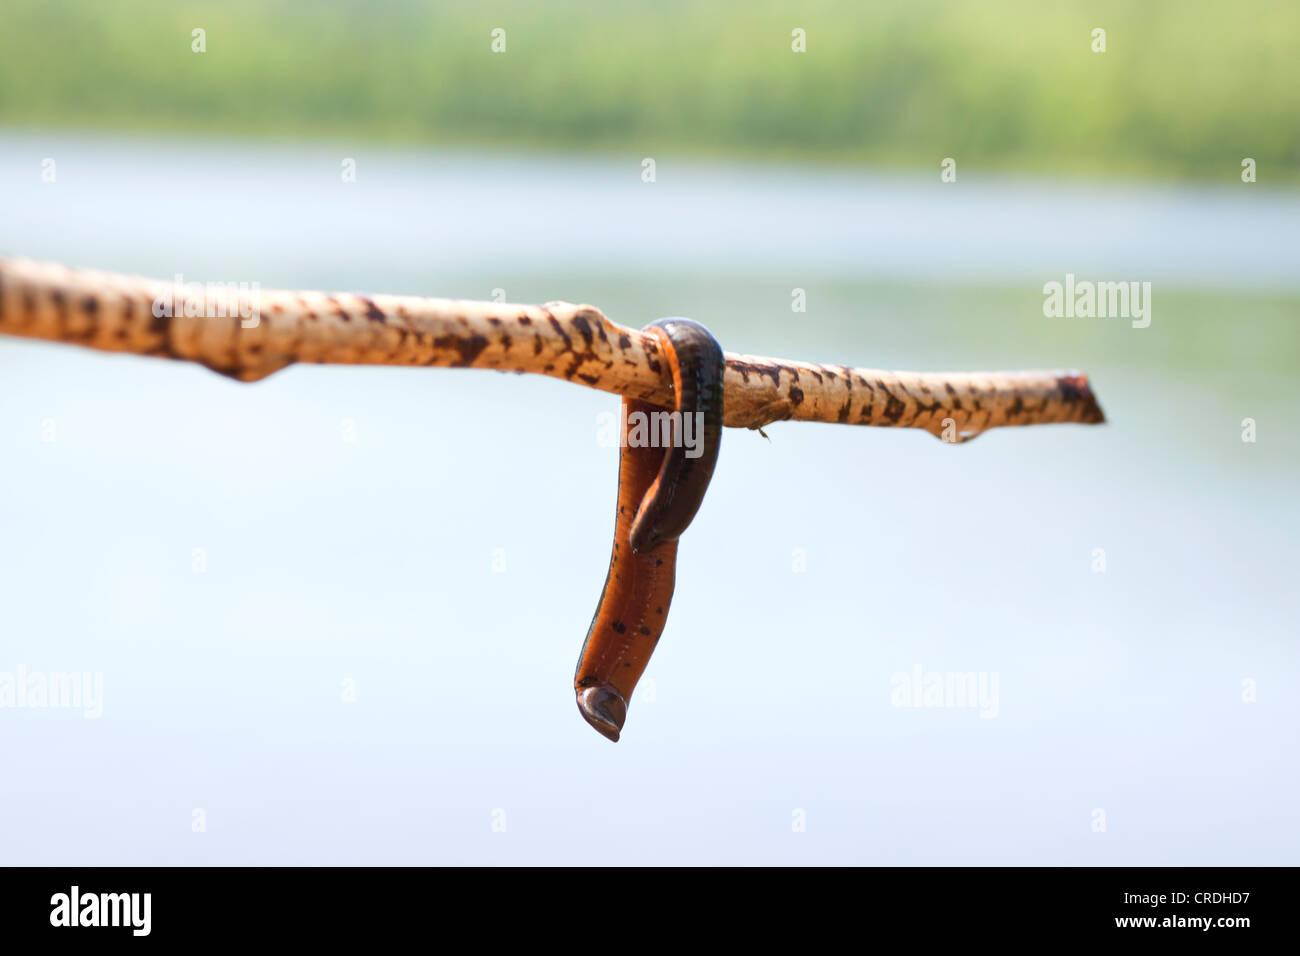 Leech Stock Photos & Leech Stock Images - Alamy